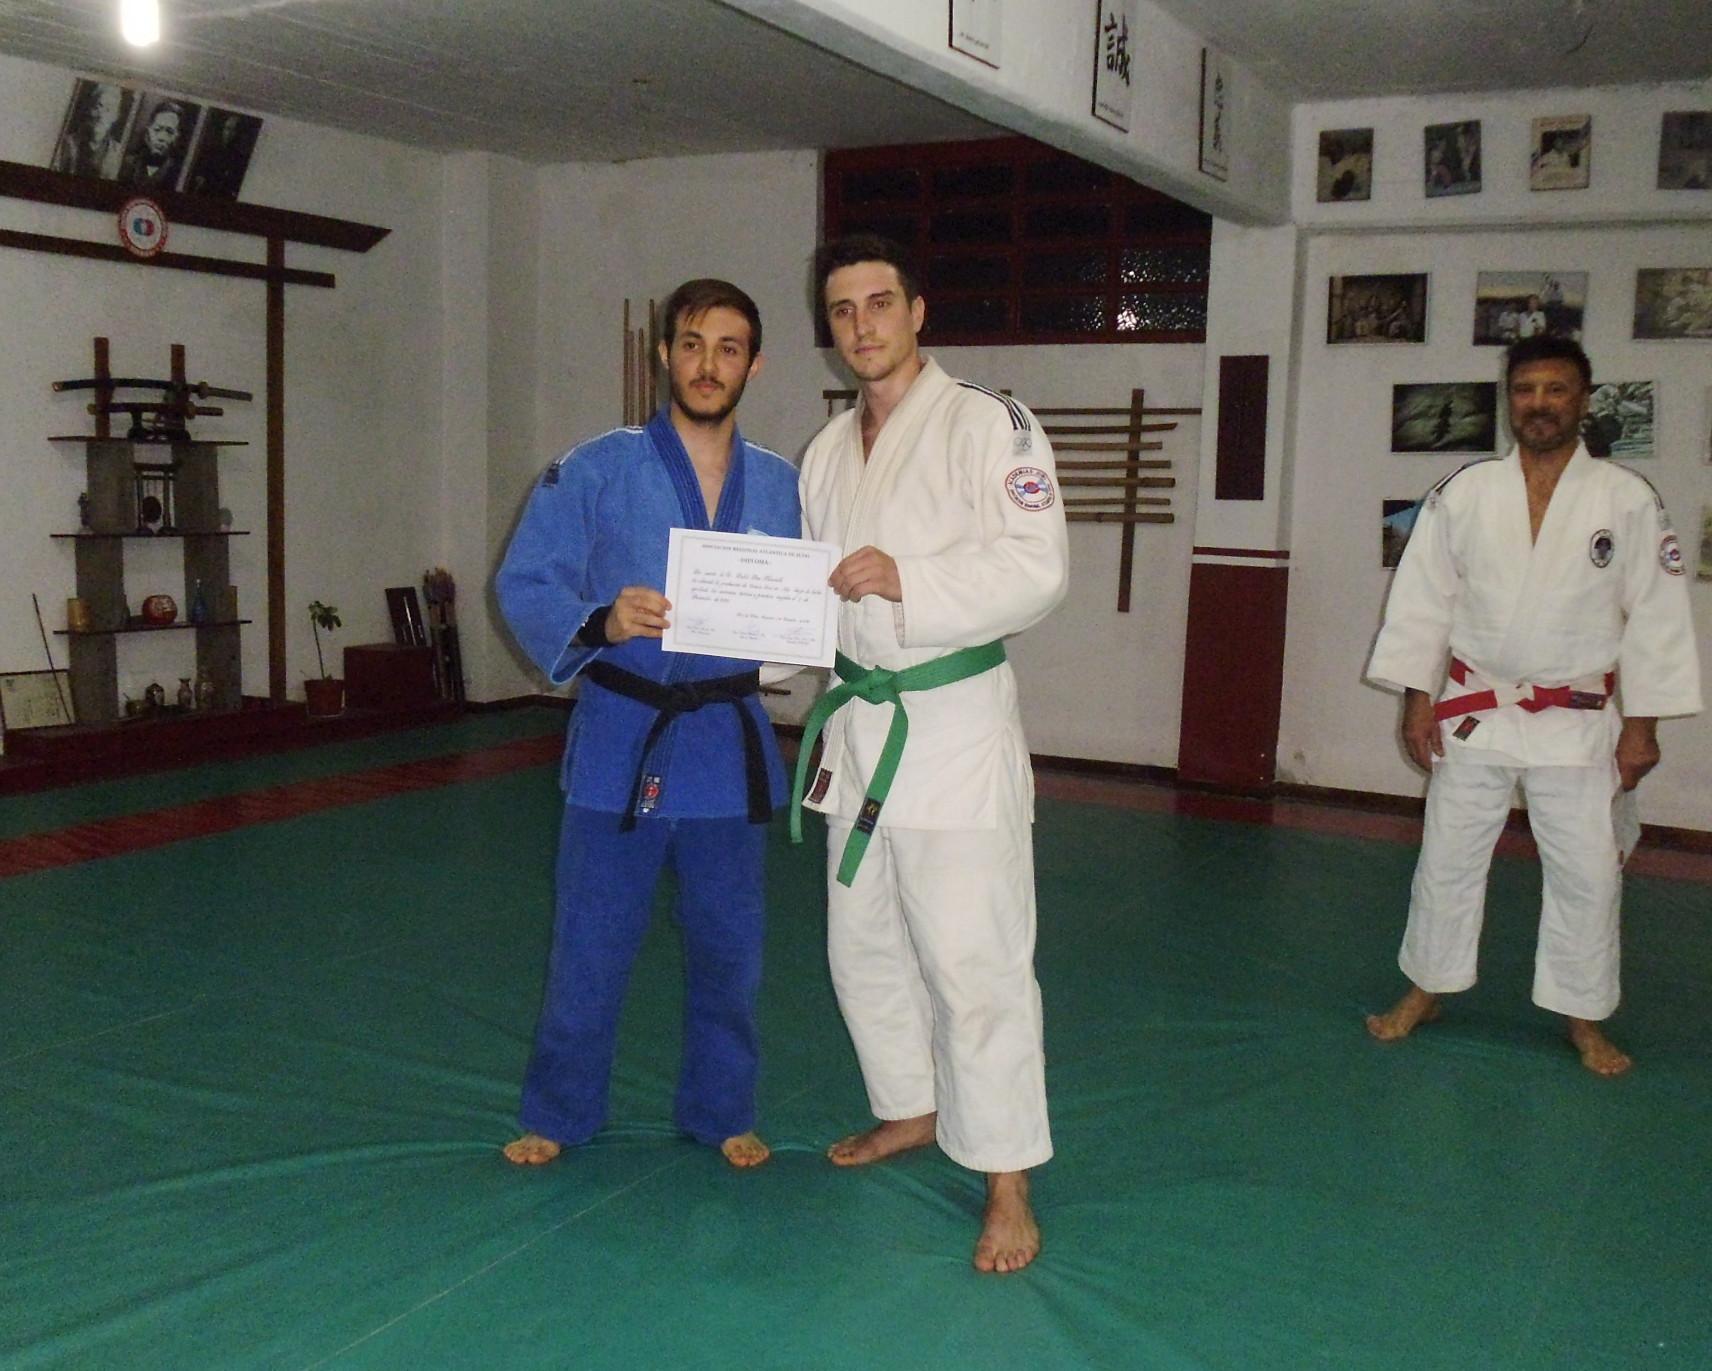 Pablo Diez Recibe su diploma de ARAJ de  5to.Kyu (Cinturòn Verde)